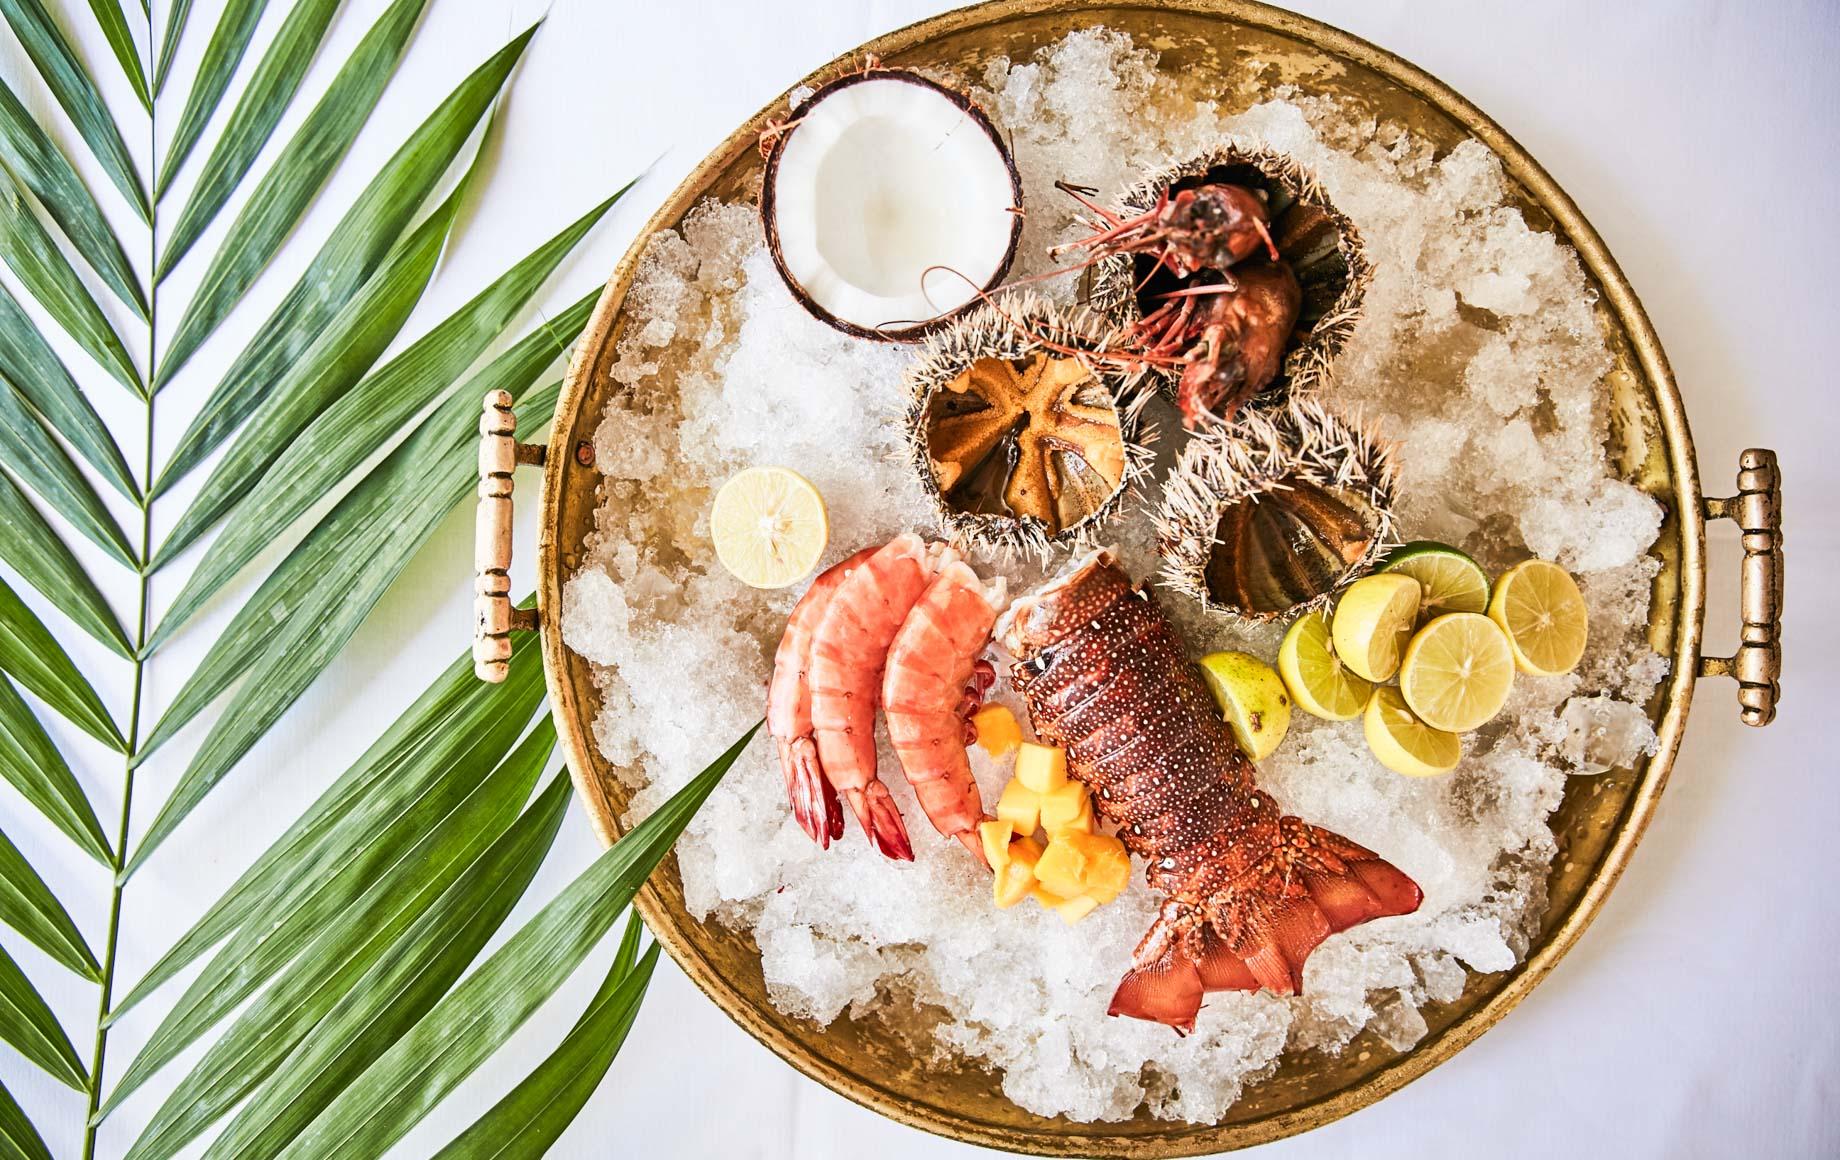 Seafood dish at Baraza Resort & Spa